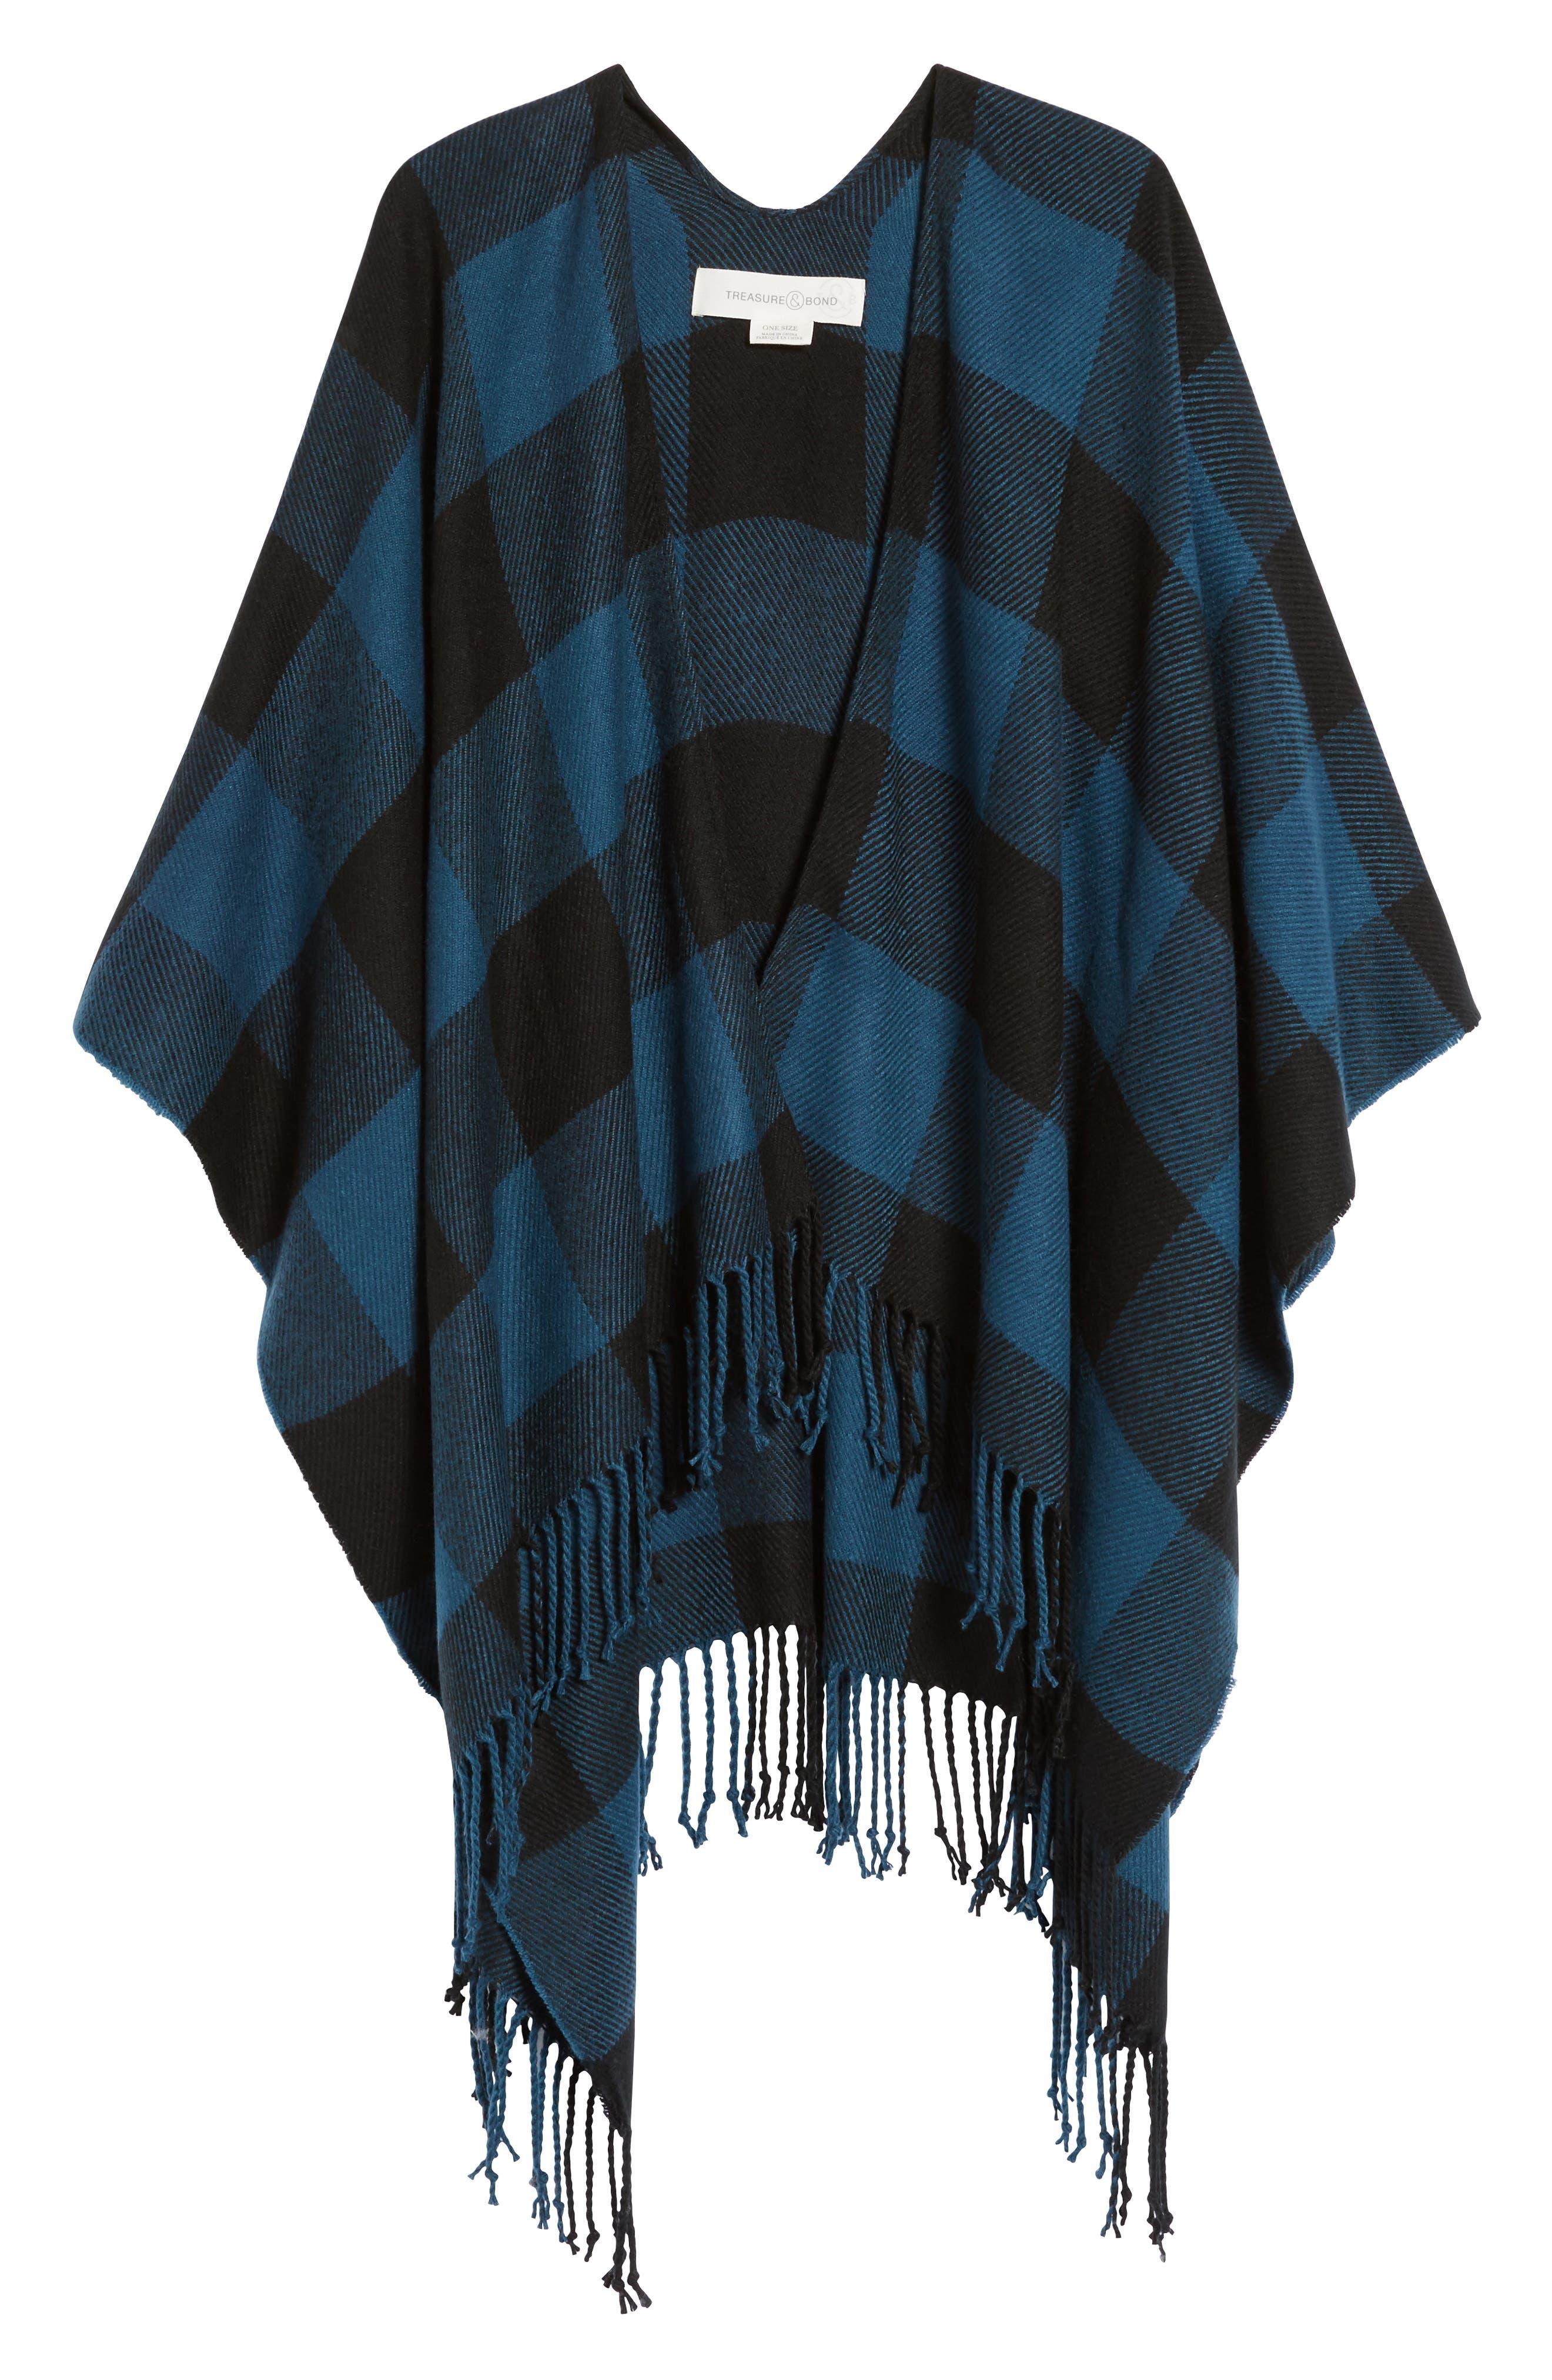 Woven Buffalo Check Ruana,                             Alternate thumbnail 5, color,                             Blue Combo